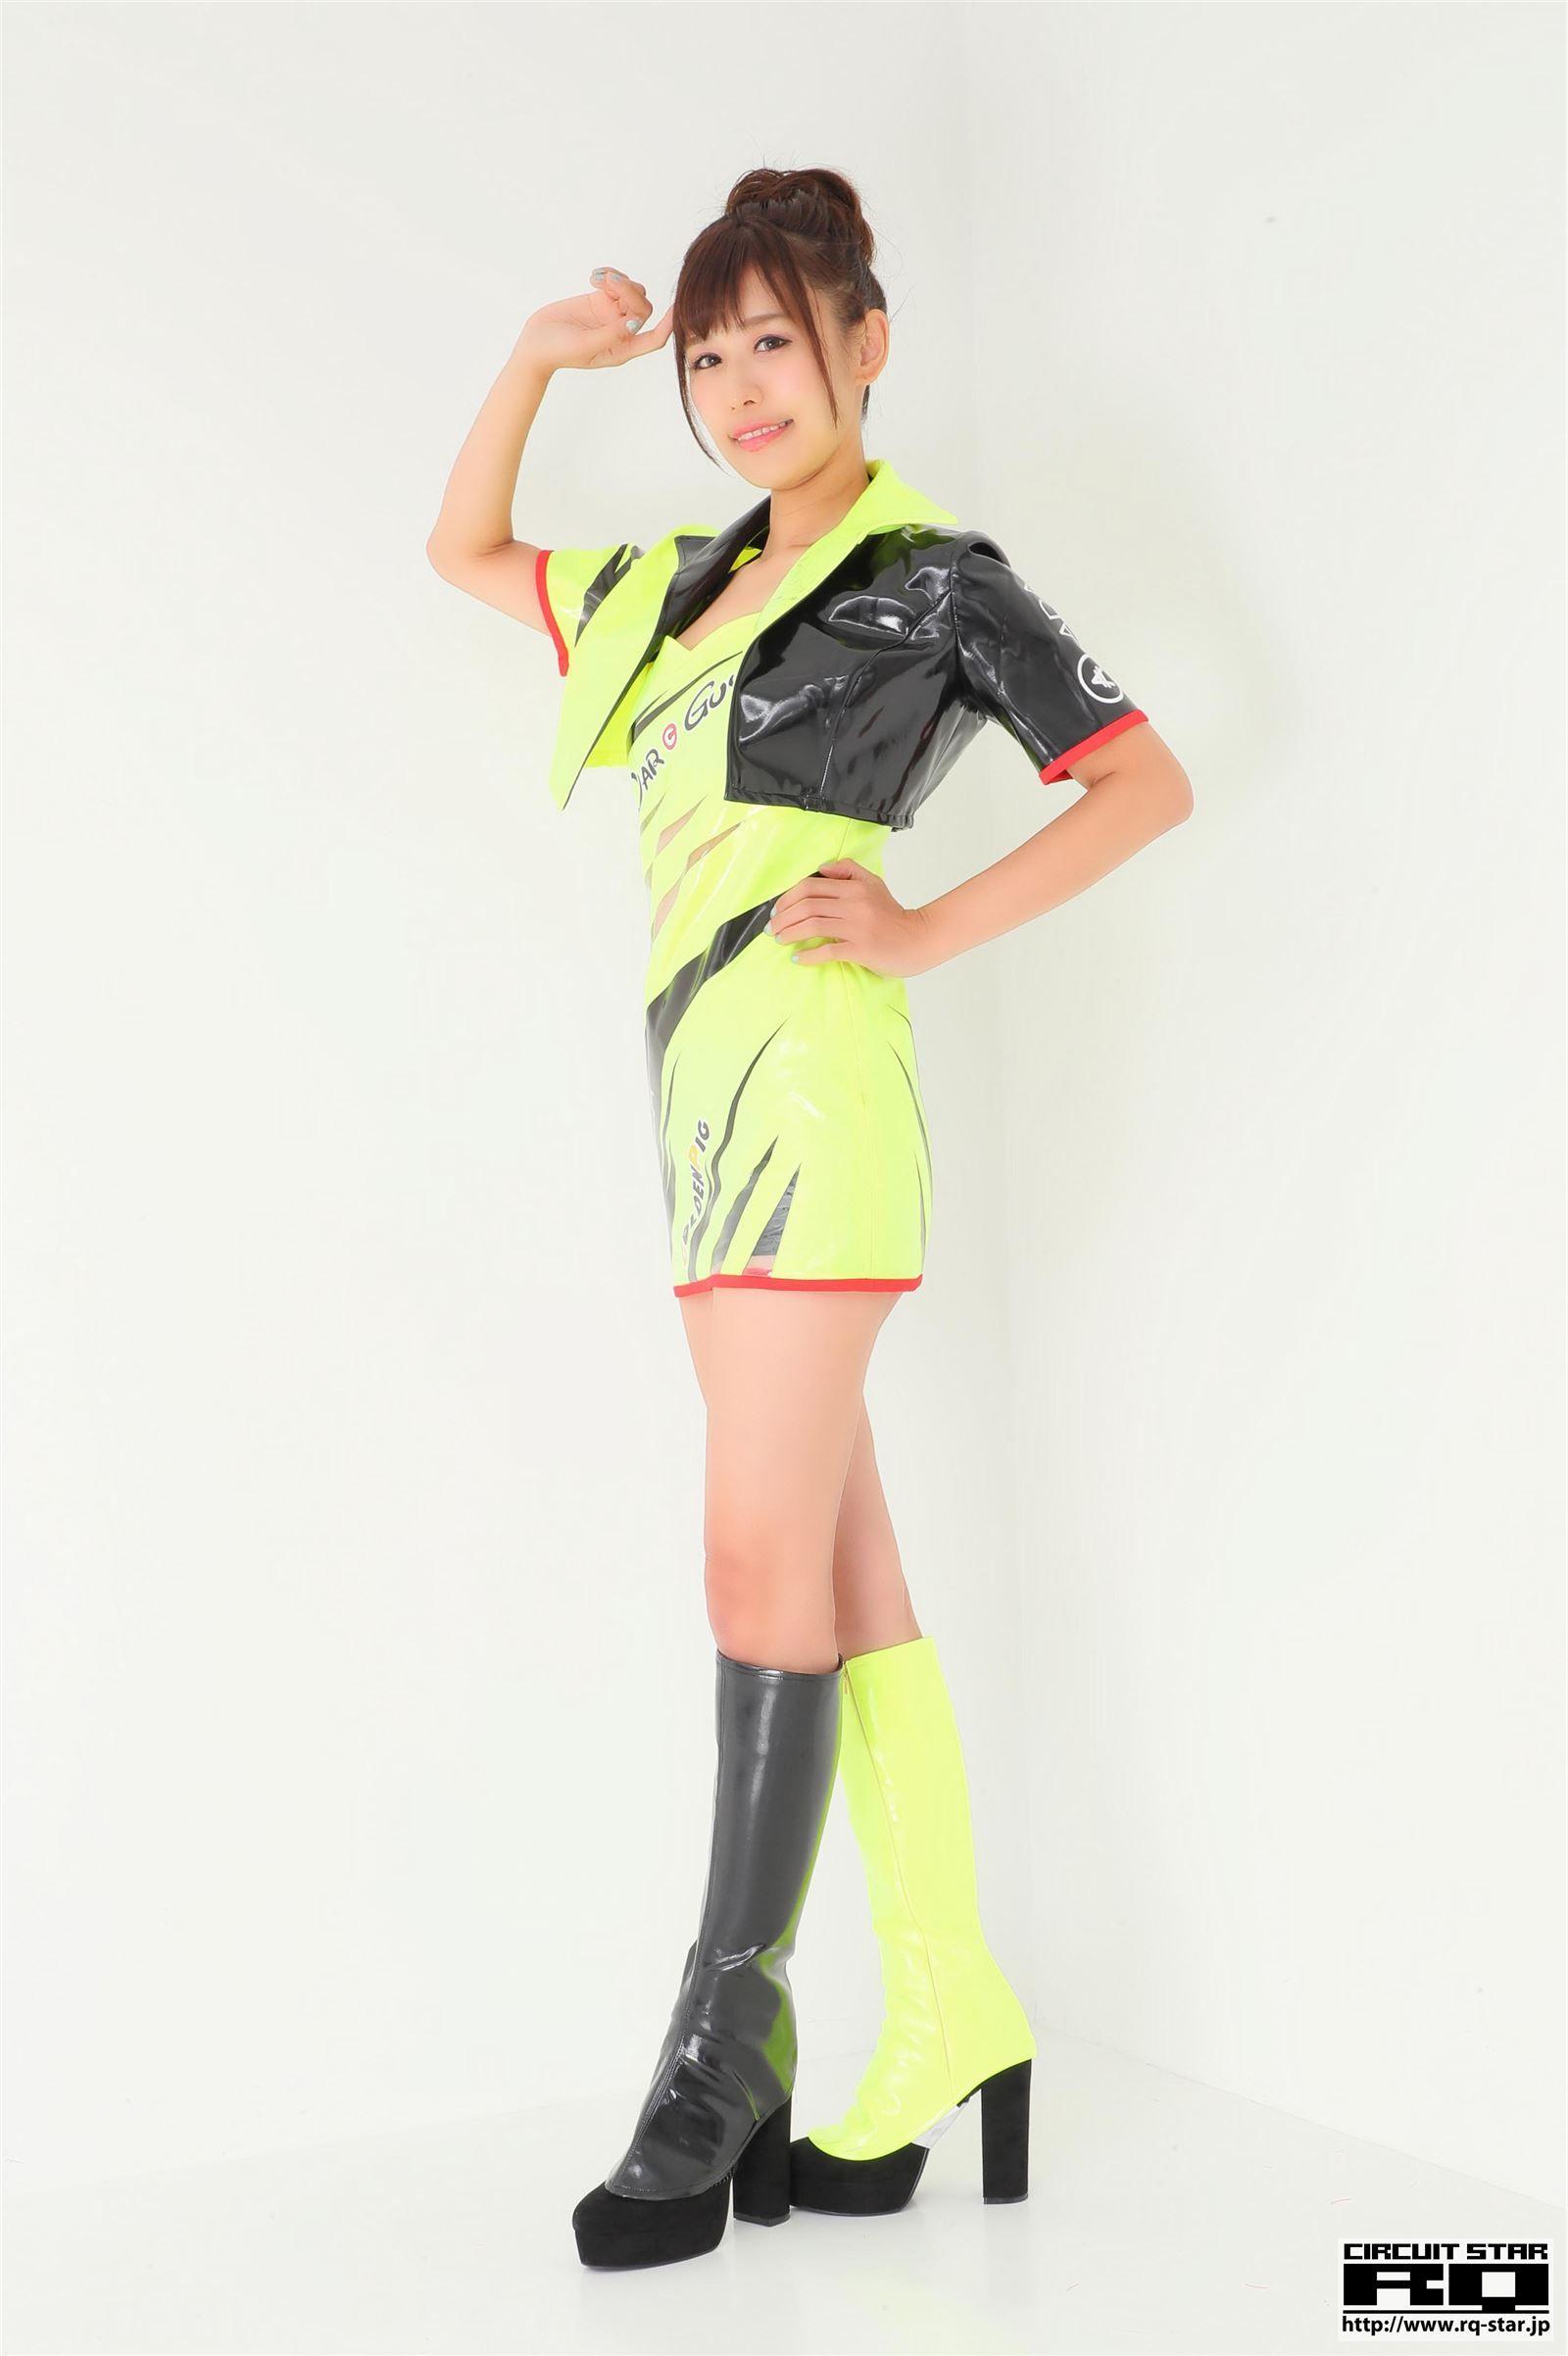 [RQ STAR美女] 2018.08.11 Aya Miyazaki 宮崎彩 Race Queen[70P] RQ STAR 第2张